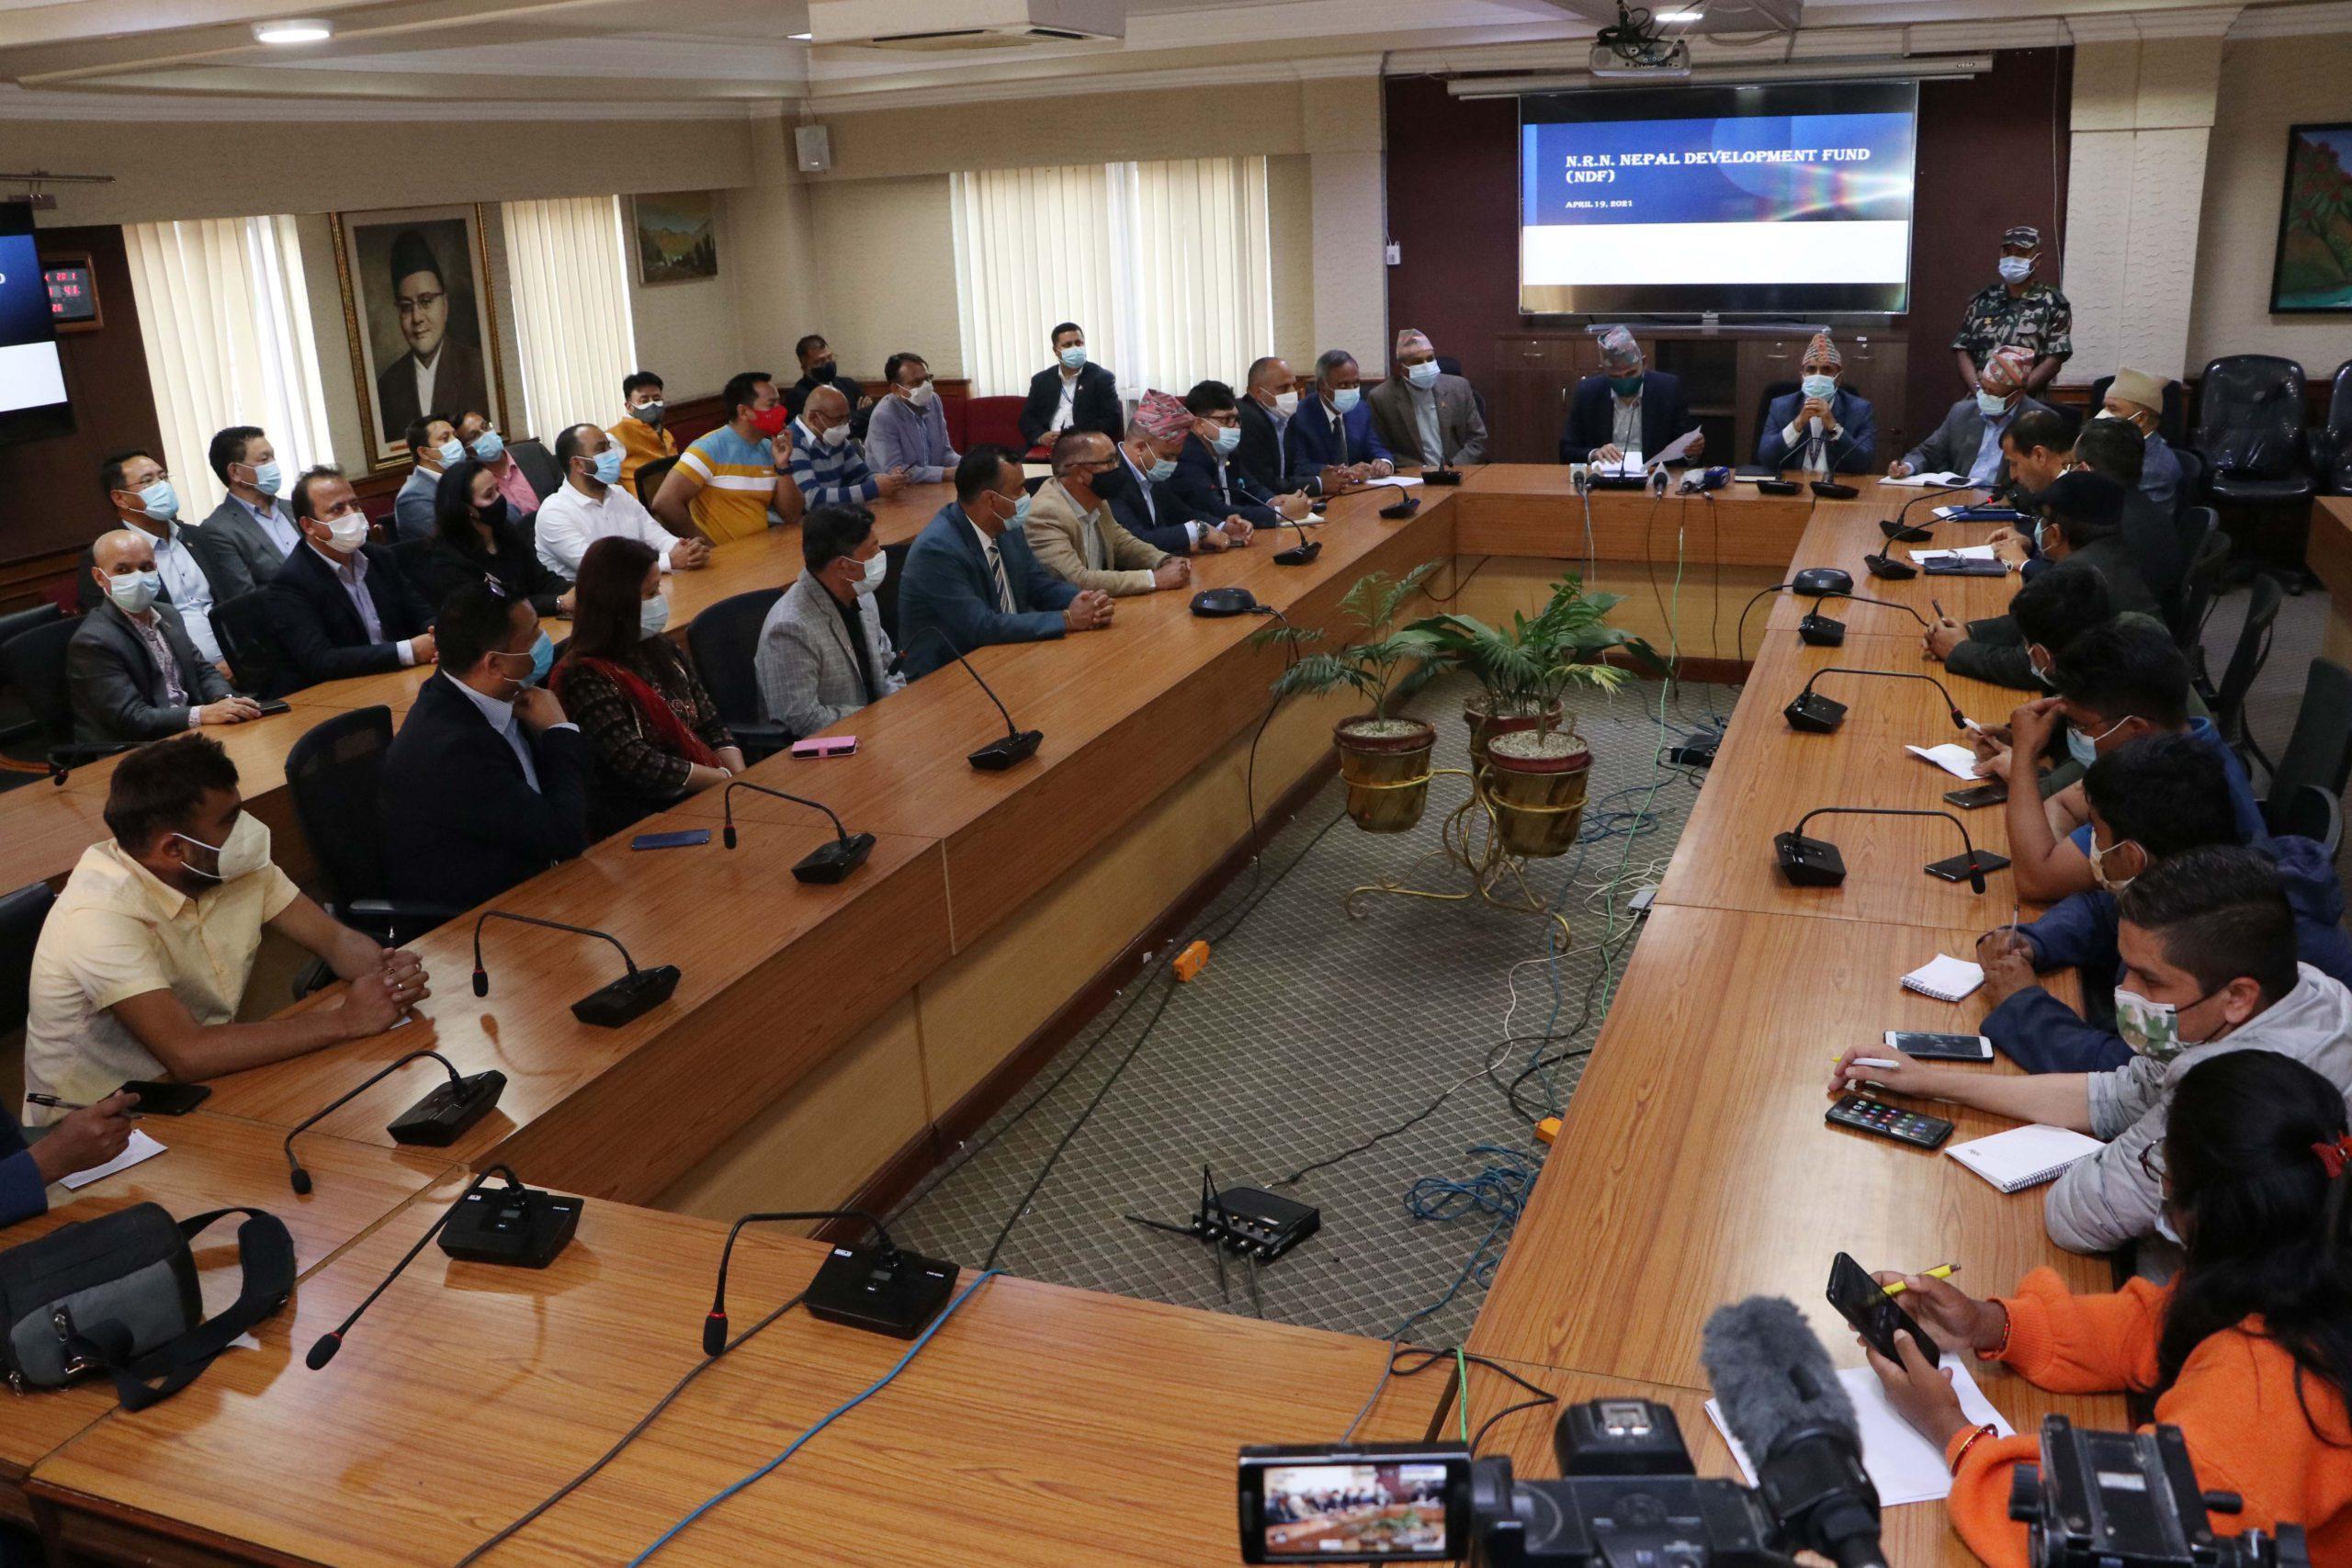 १० अर्ब रुपैयाँ पूँजीको एनआरएन नेपाल डेभलमेन्ट फण्ड स्थापना